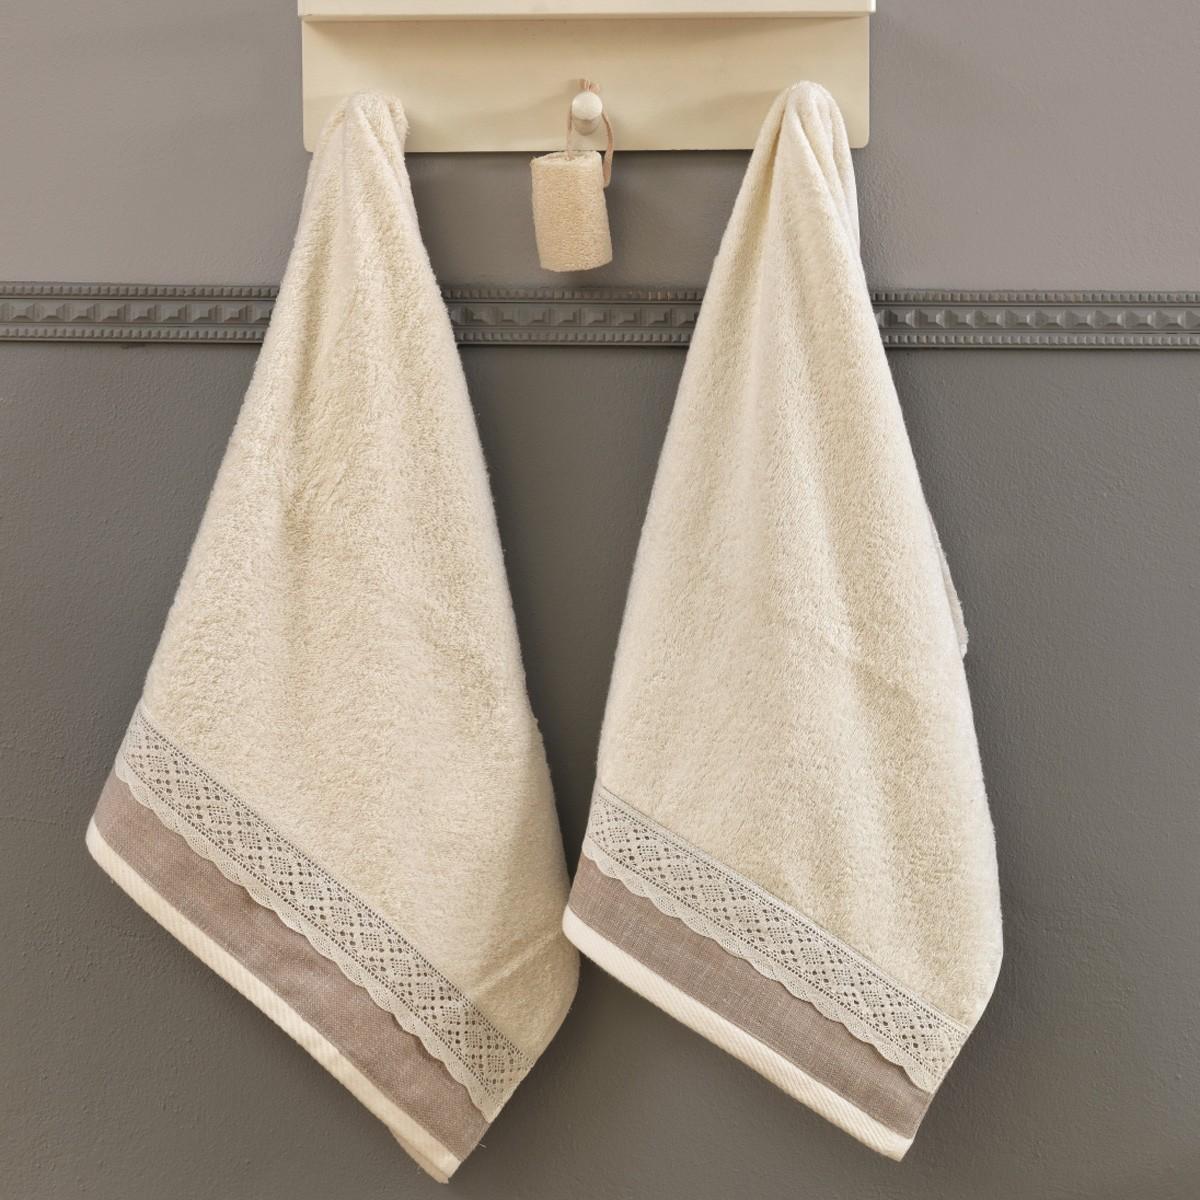 Πετσέτες Μπάνιου (Σετ 3τμχ) Palamaiki Digital Towels Wiev